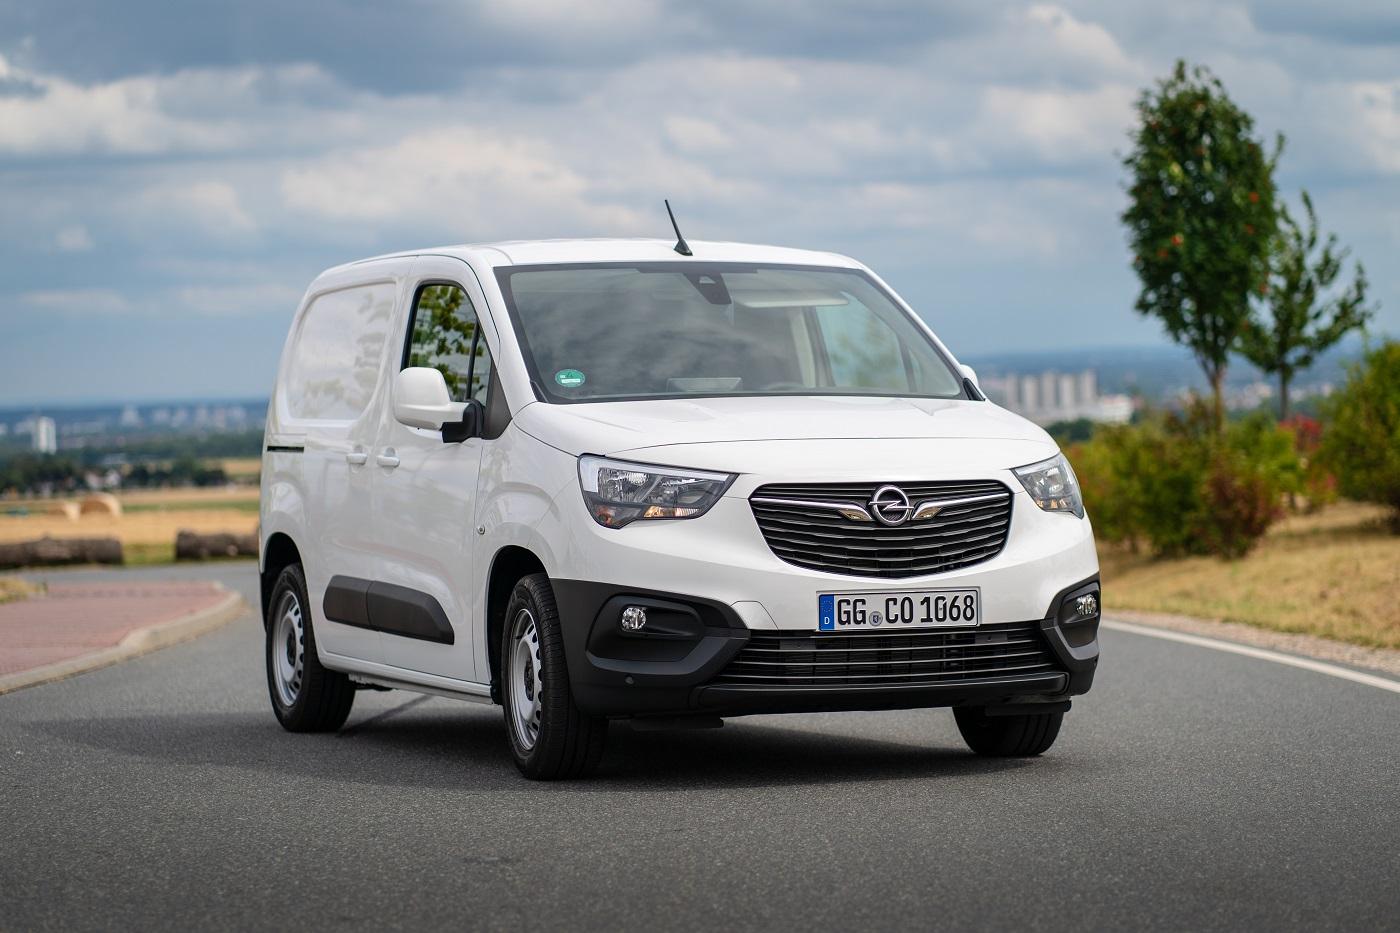 Корпоративный сектор Кременчуга переходит на автомобили бренда Opel